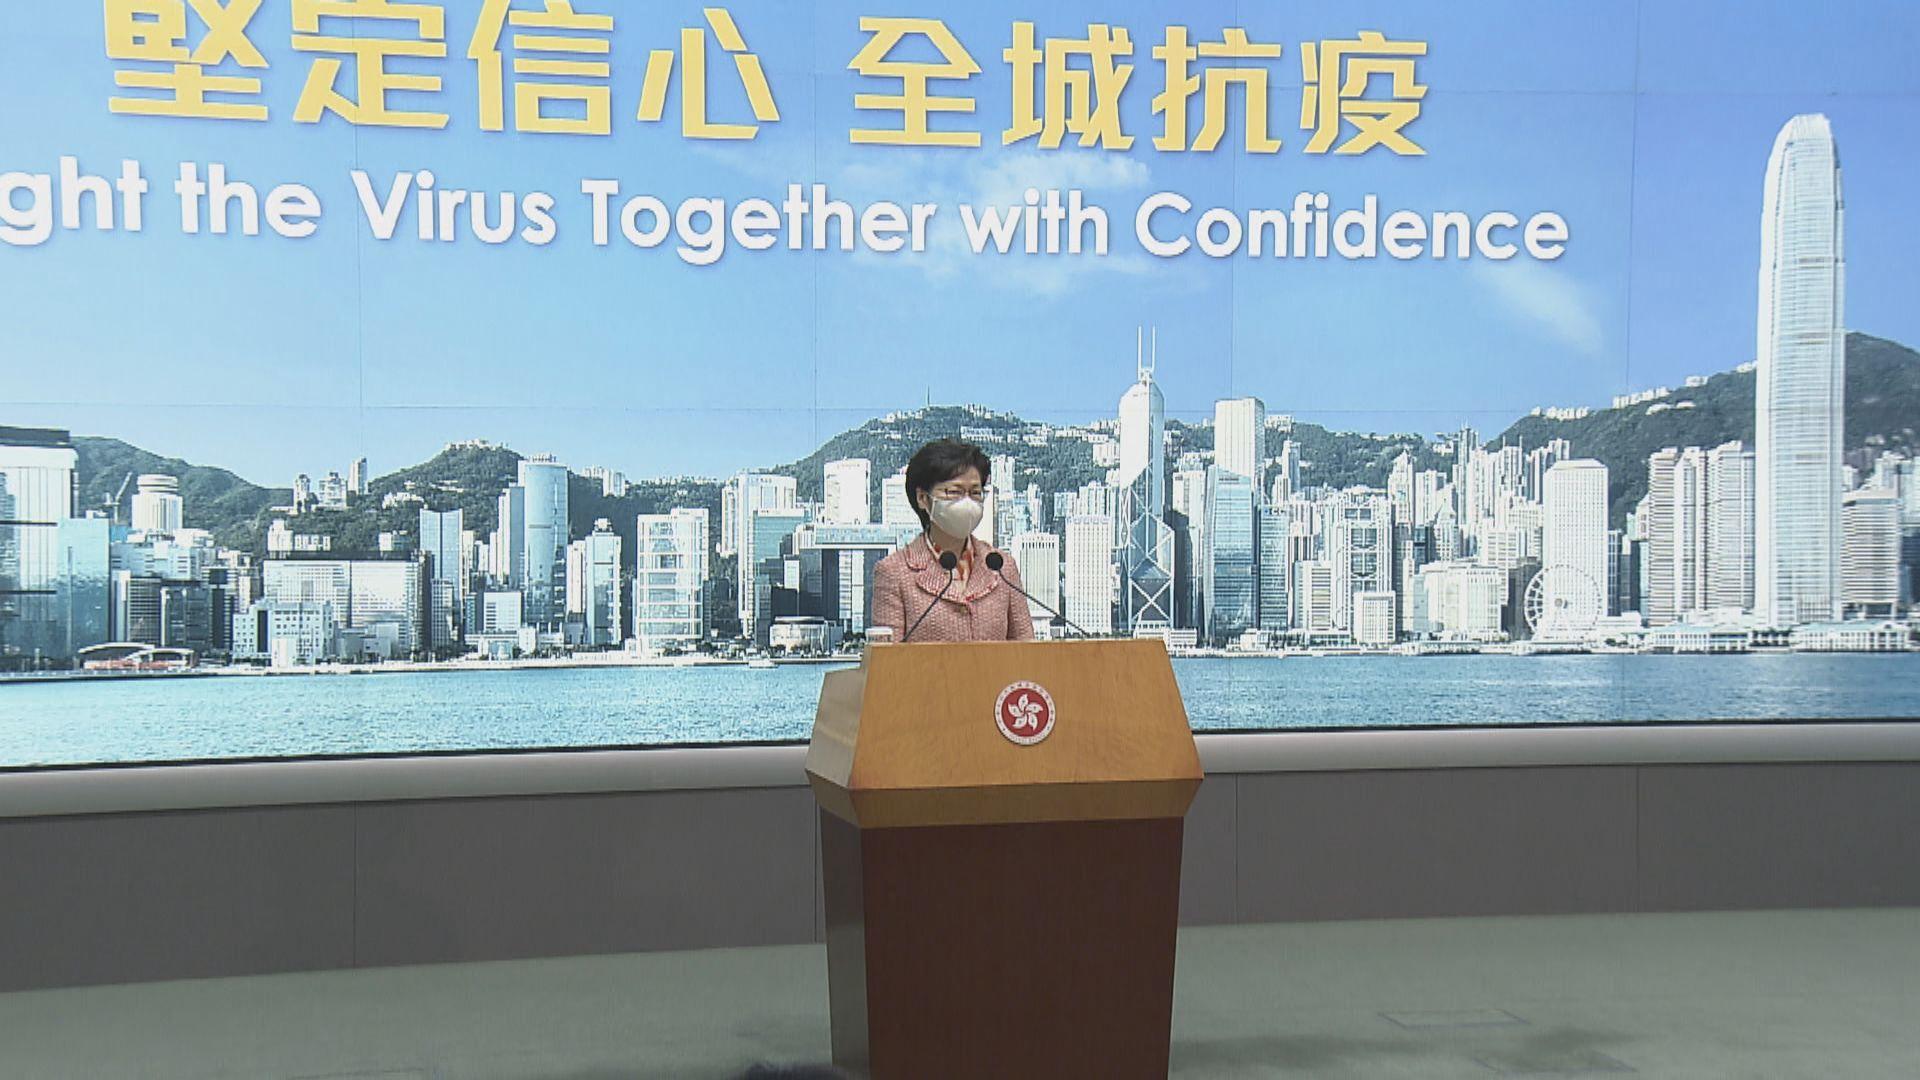 【最新】林鄭:管牧稱陳同佳因政情和疫情暫未赴台自首 如有需要港府願意提供協助